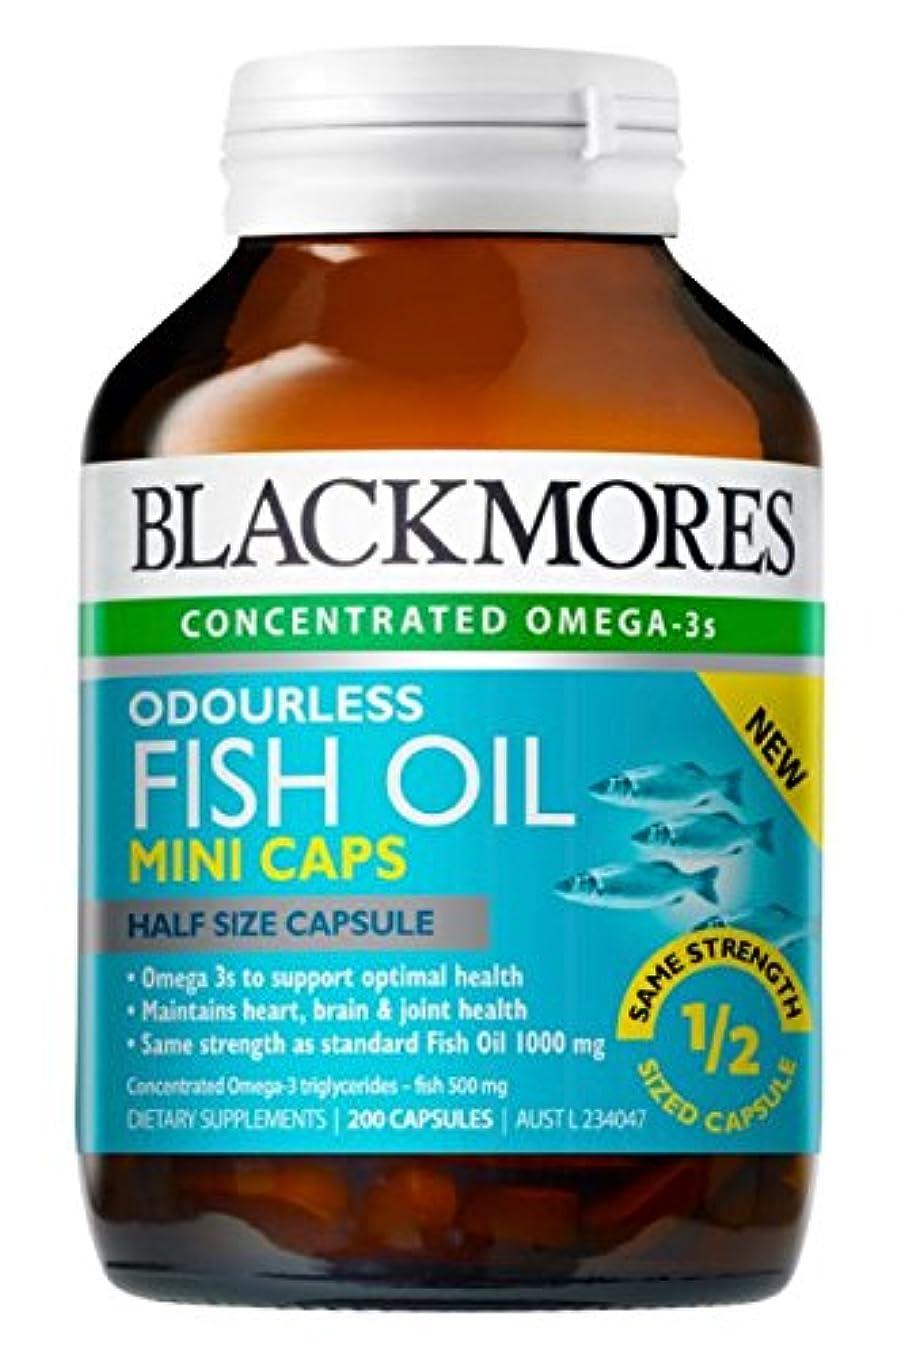 愛情深い放棄する作るブラックモアズ社 魚のにおいのしないフィッシュオイル ミニカプセル 200カプセル 【海外直送品】